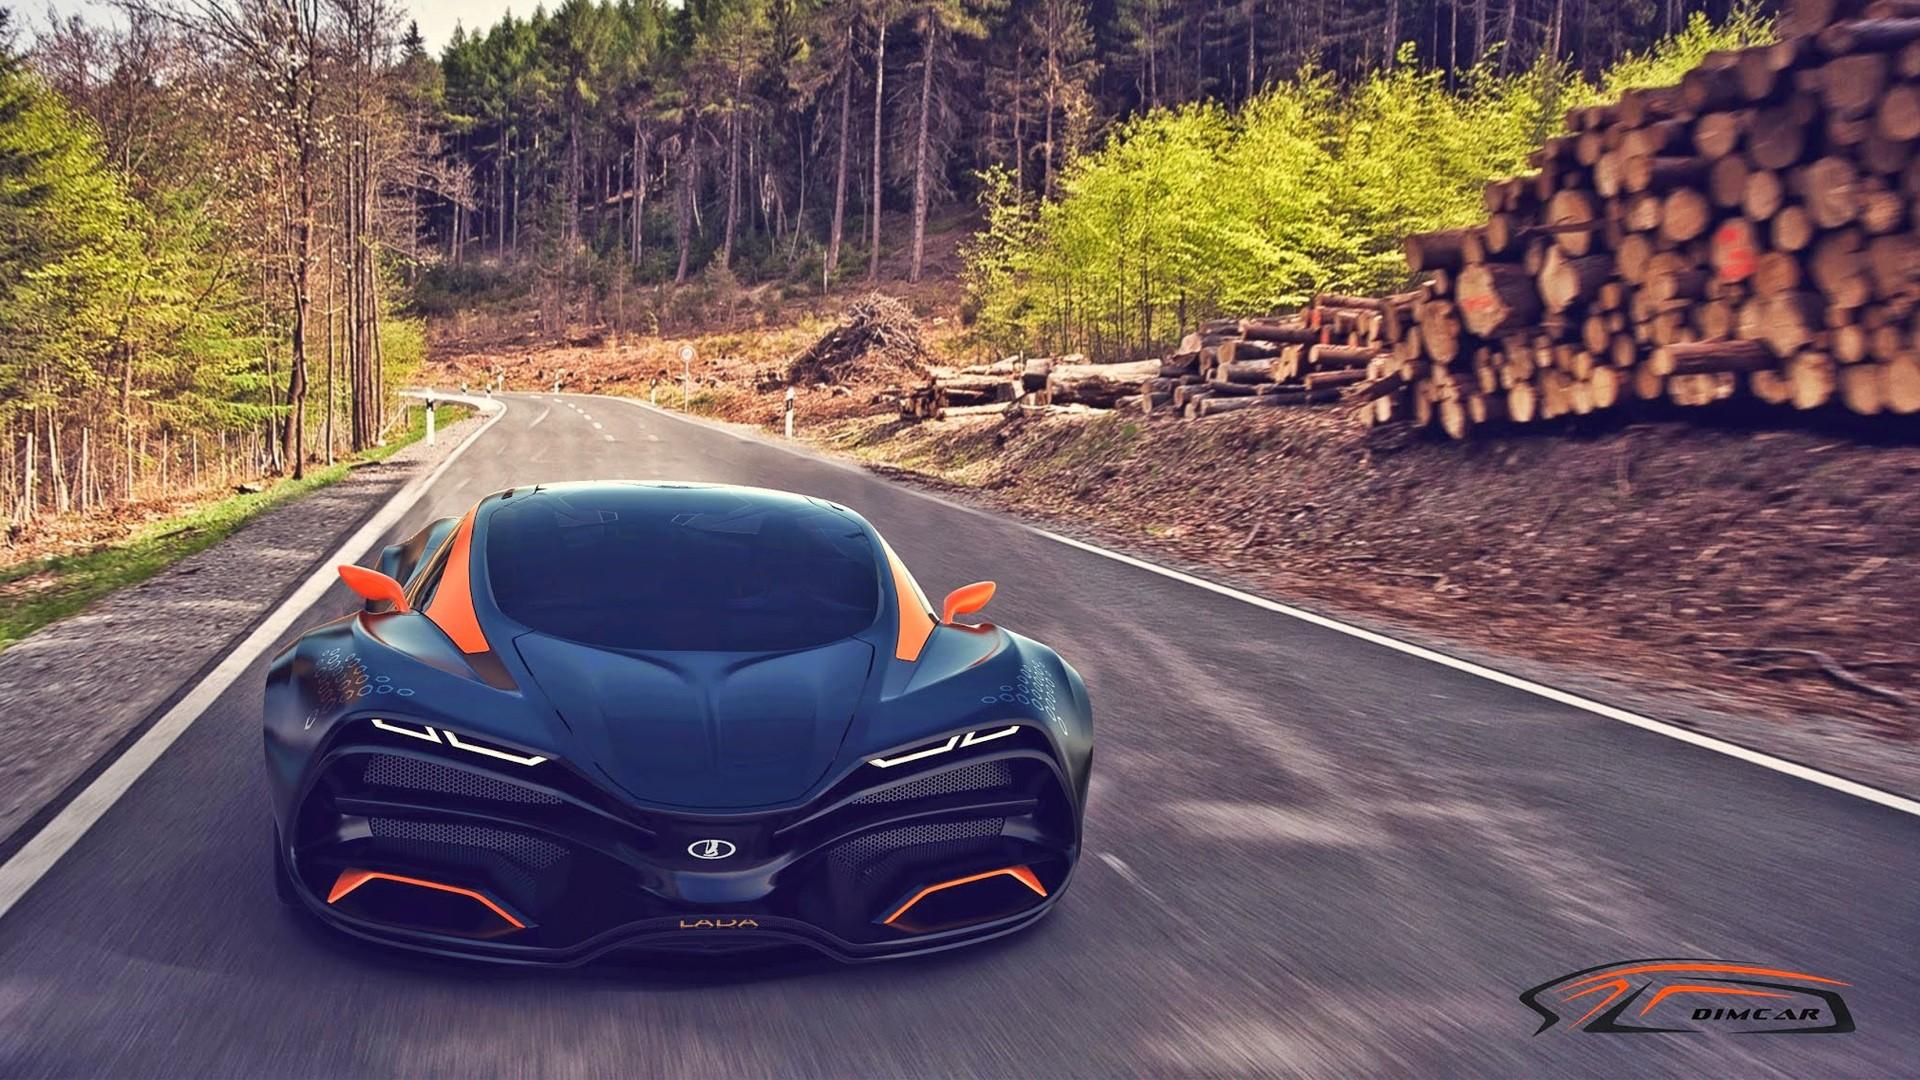 2015 Lada Raven Supercar Concept Wallpaper Hd Car